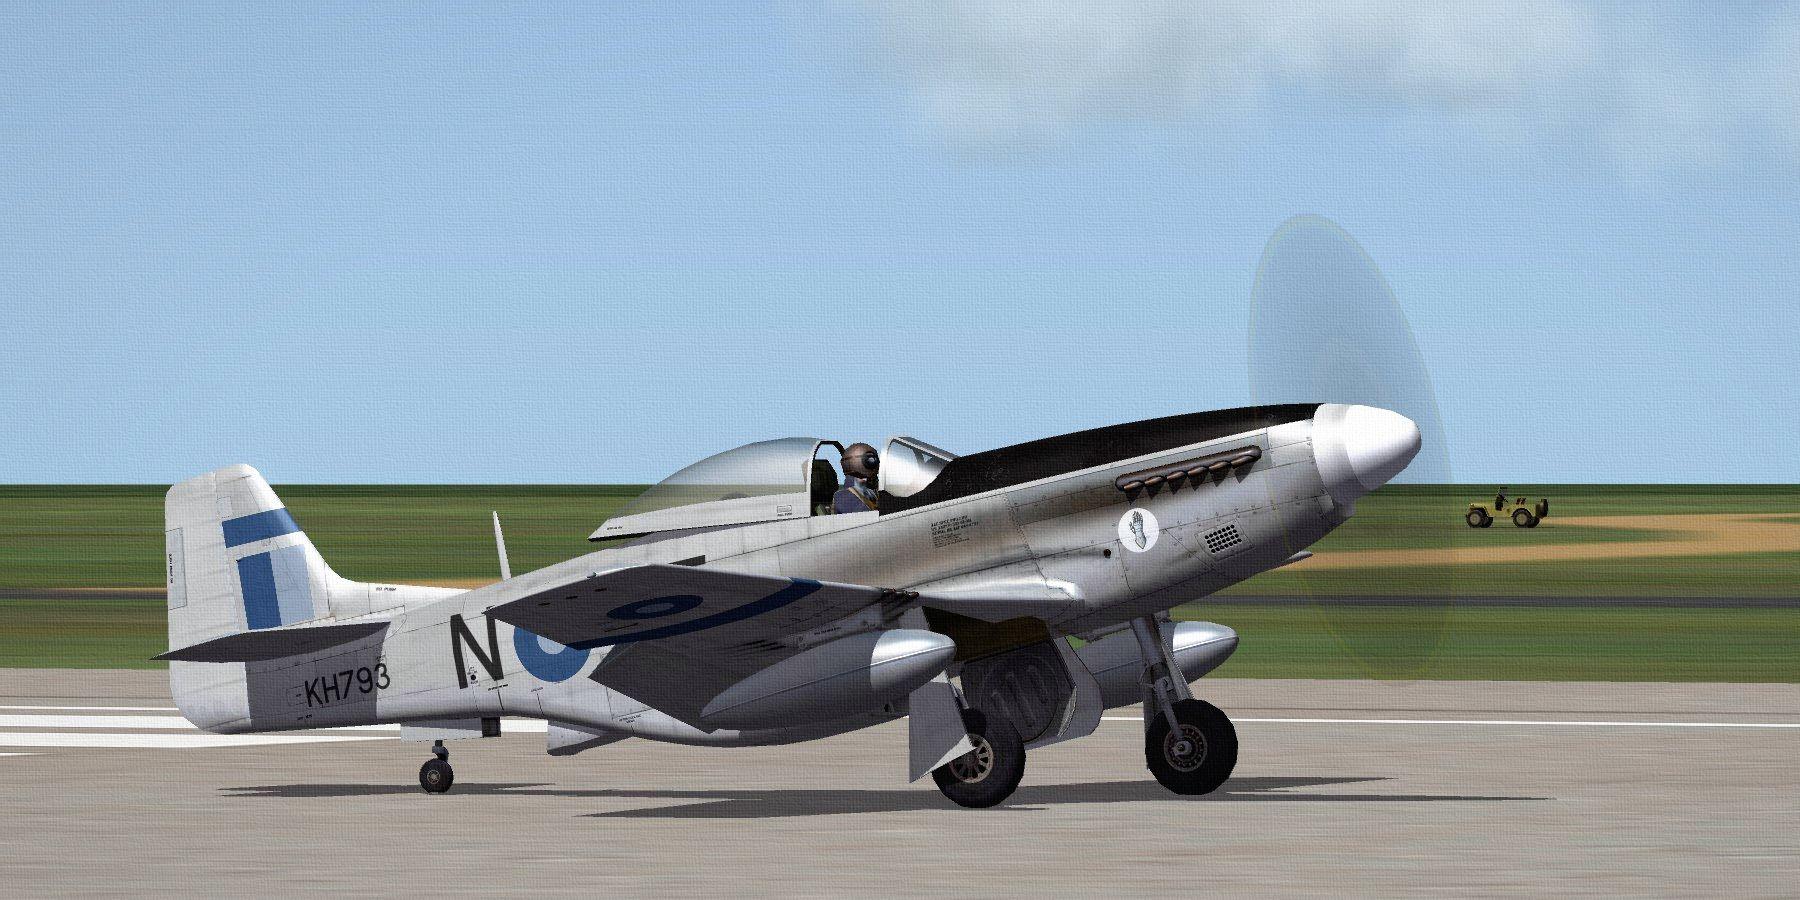 RAFP-51DMUSTANG406_zpsb348be4c.jpg